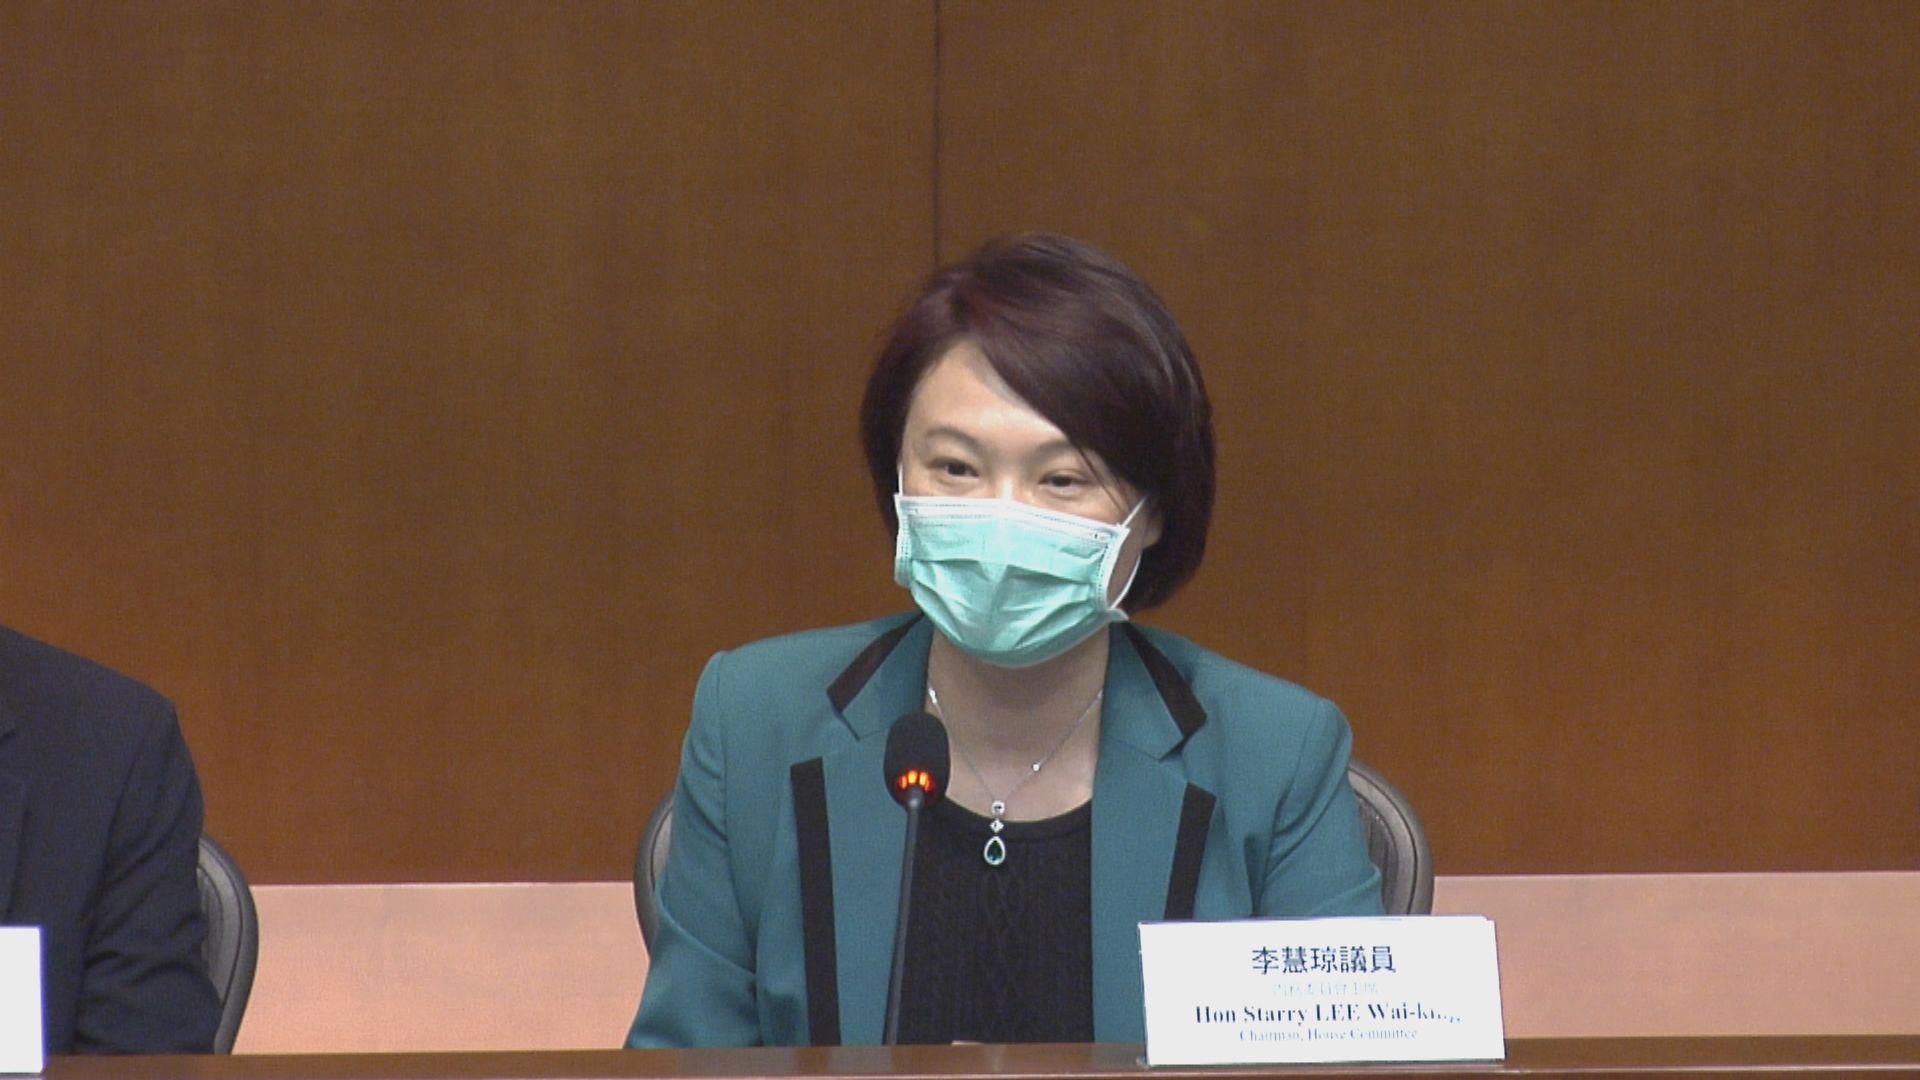 李慧琼︰應考慮改議事規則免選主席程序被濫用